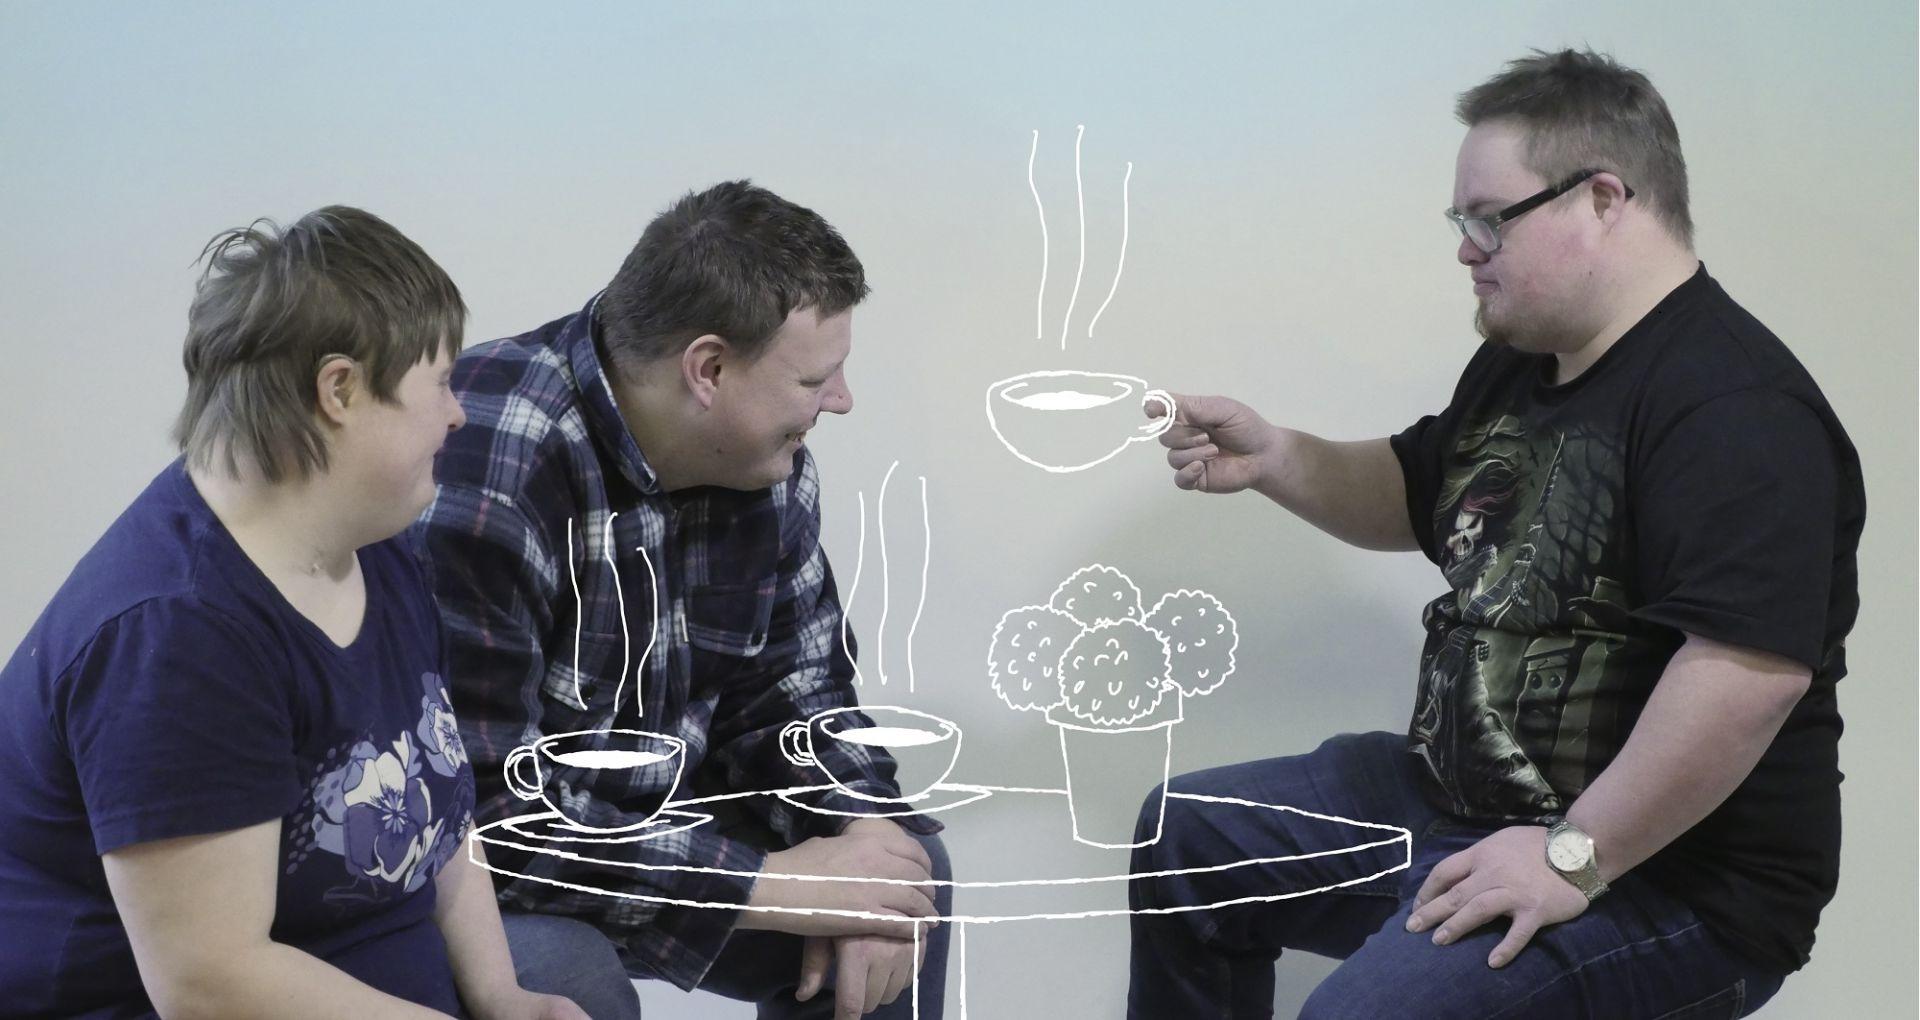 Aarne ja Aune -hankkeen kuvapankkikuva. Kolme ihmistä istuvat piirretyn pöydän ympärillä ja juovat kahvia. Tekijä Omillaan-osuuskunta